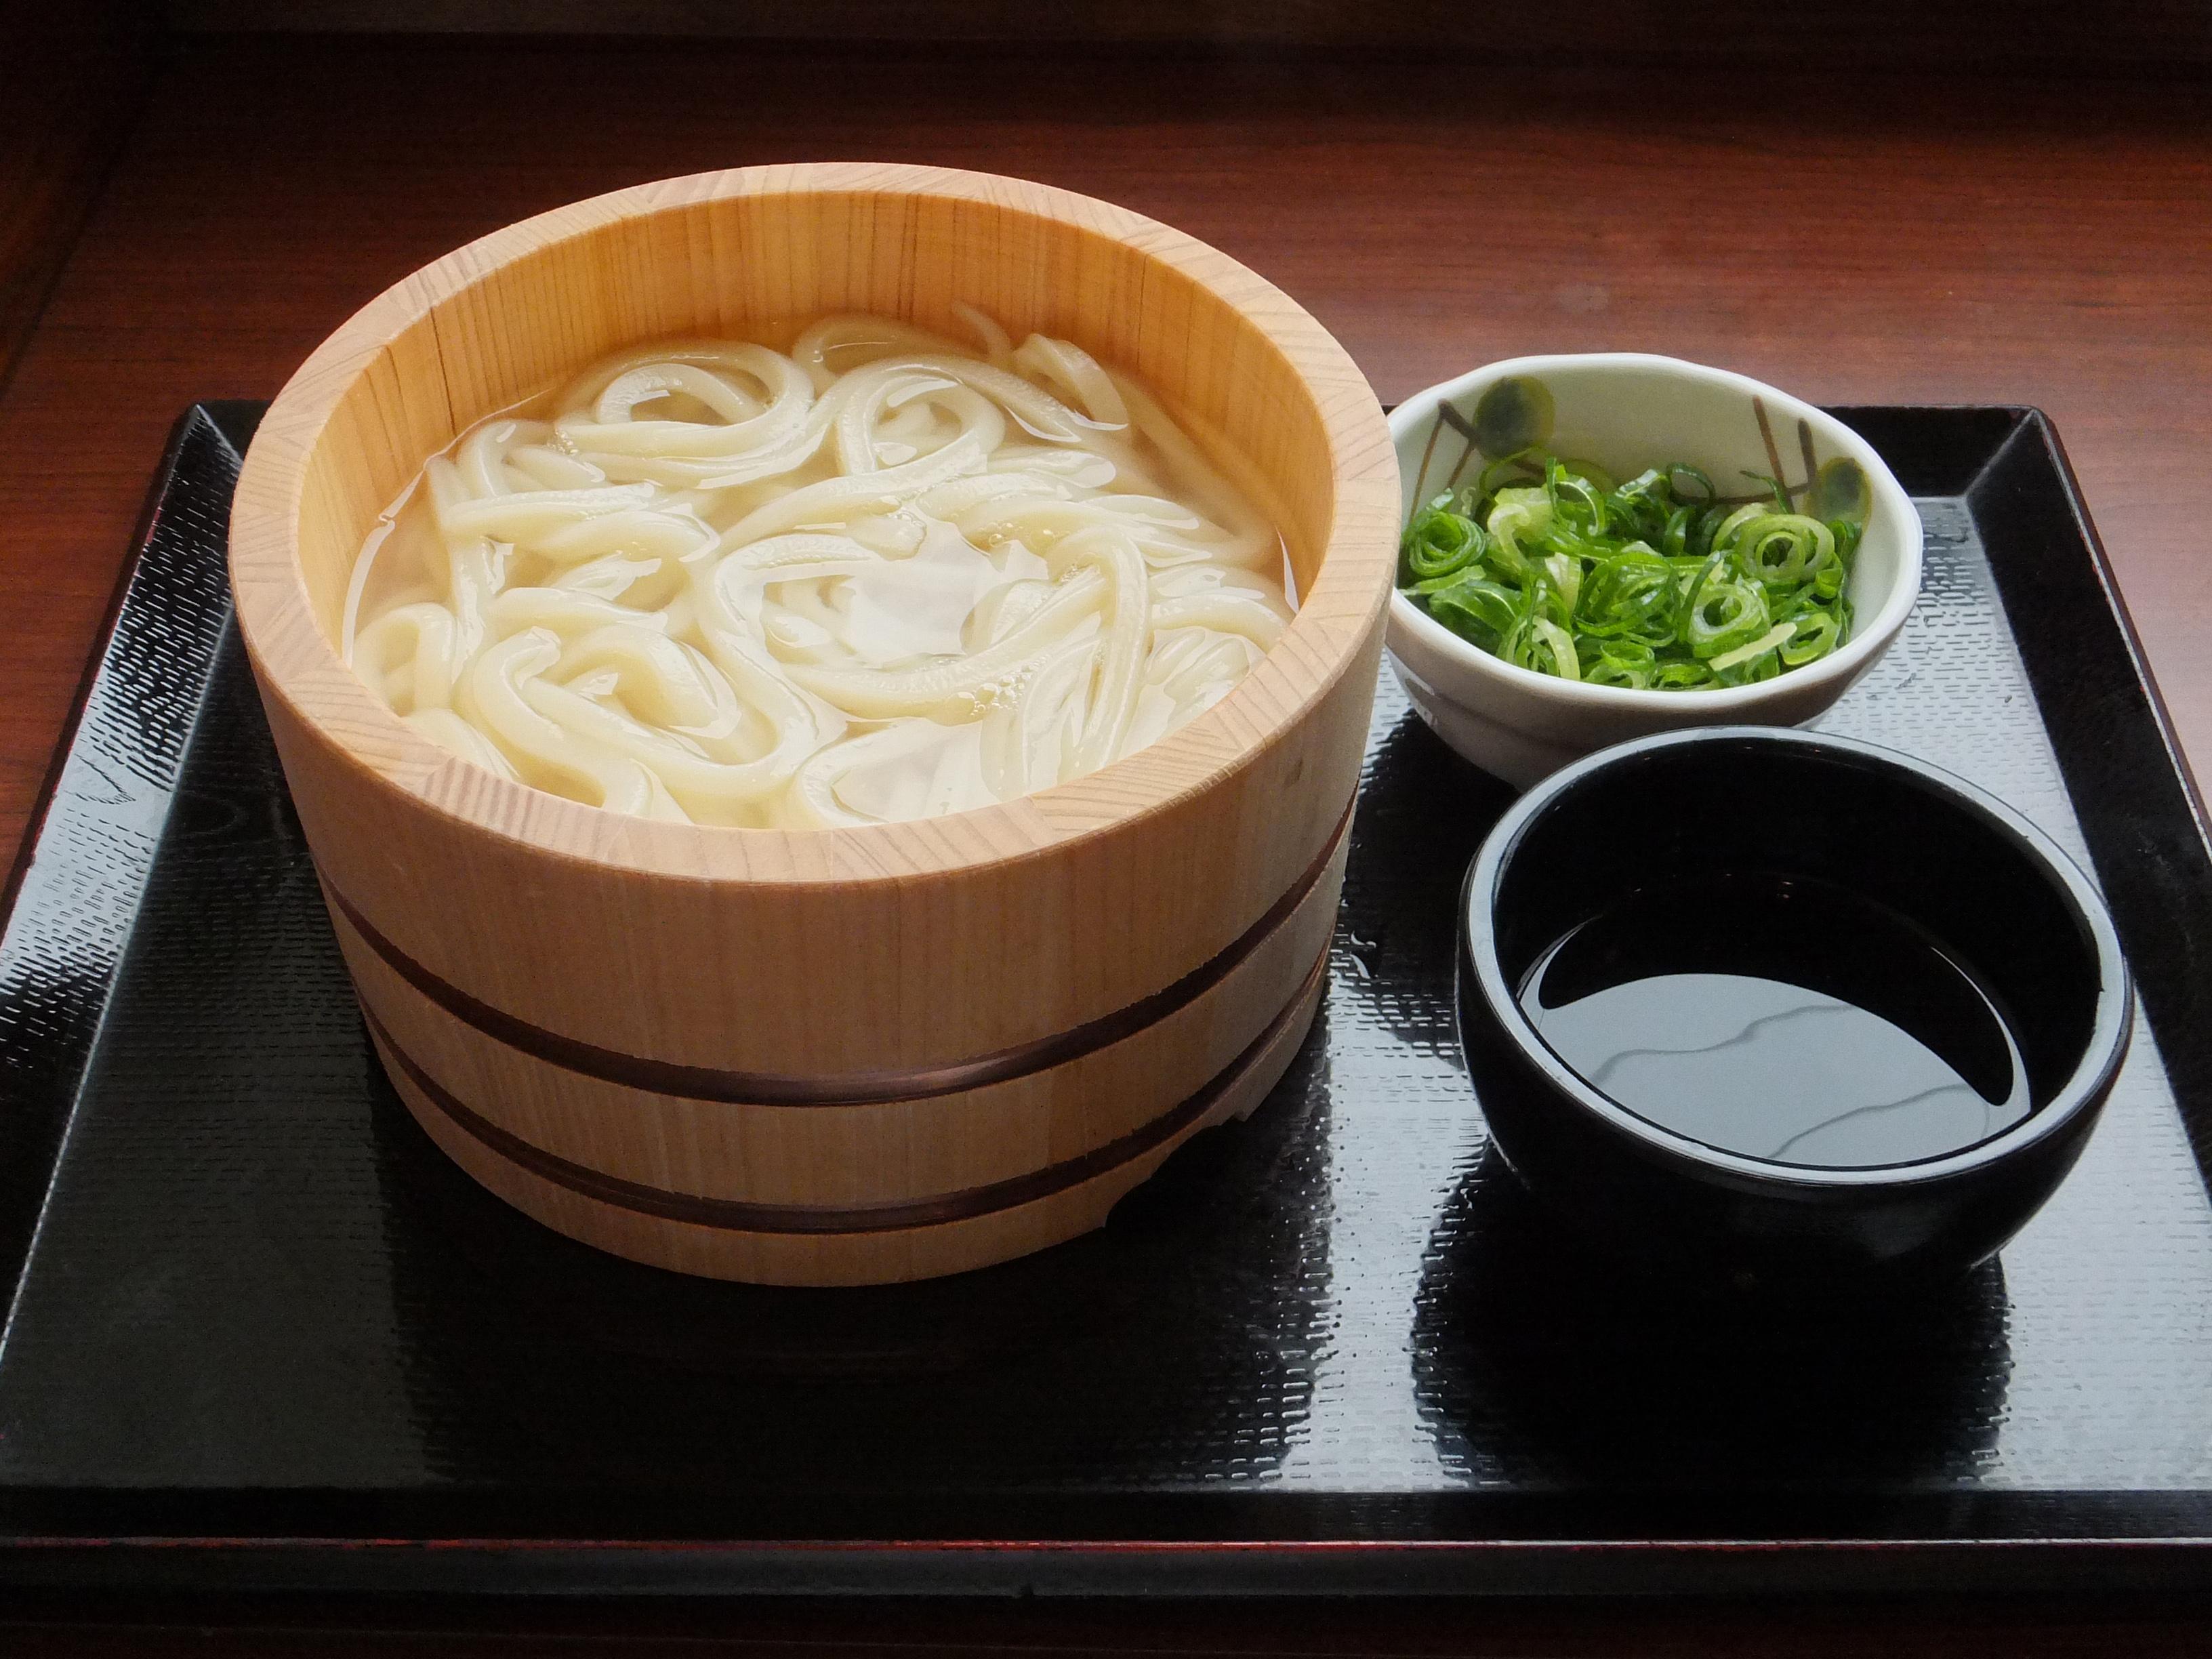 実は天丼もおいしい!丸亀製麺のおすすめの食べ方をご紹介します。のサムネイル画像